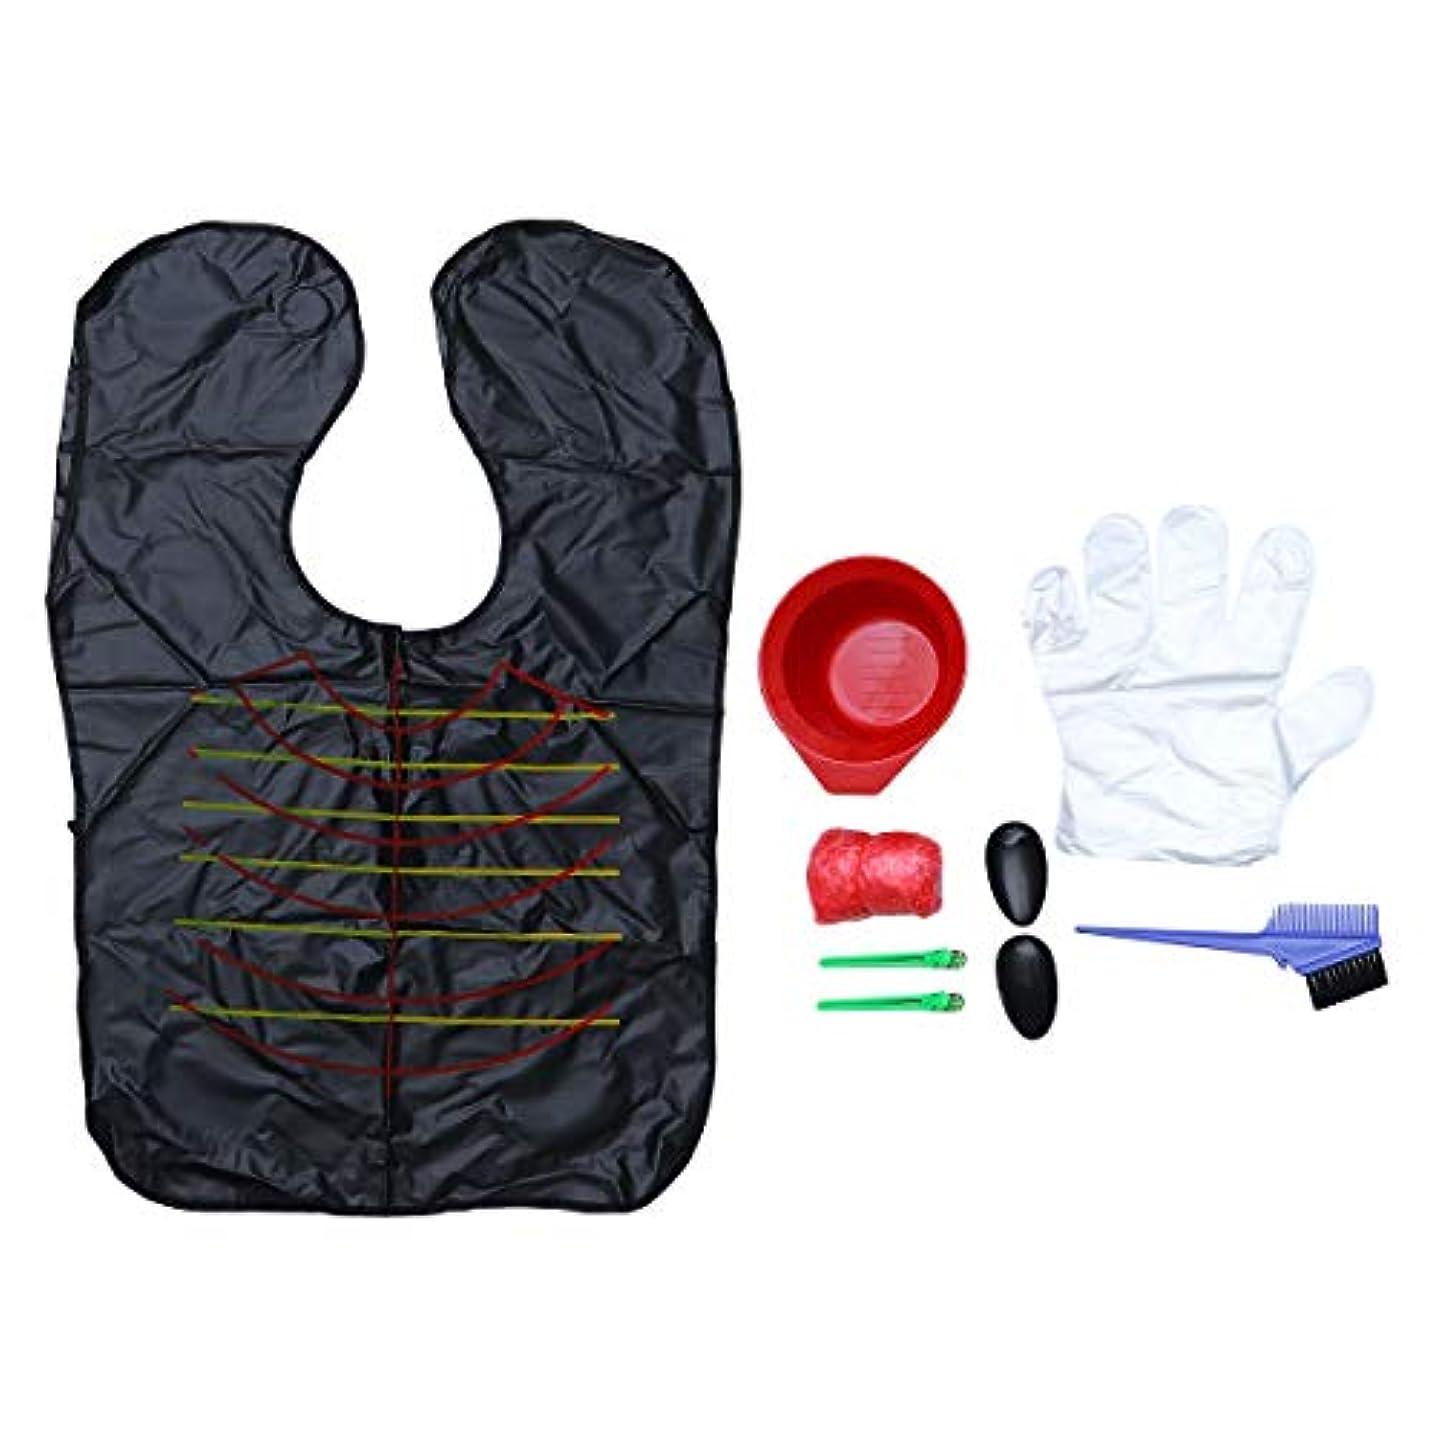 戻る部衣装HEALLILY ヘアカラー染色キットヘアダイDIYツールダイブラシミキシングボウルイヤーキャップシャワーキャップ弾性手袋9個(ランダムカラー)